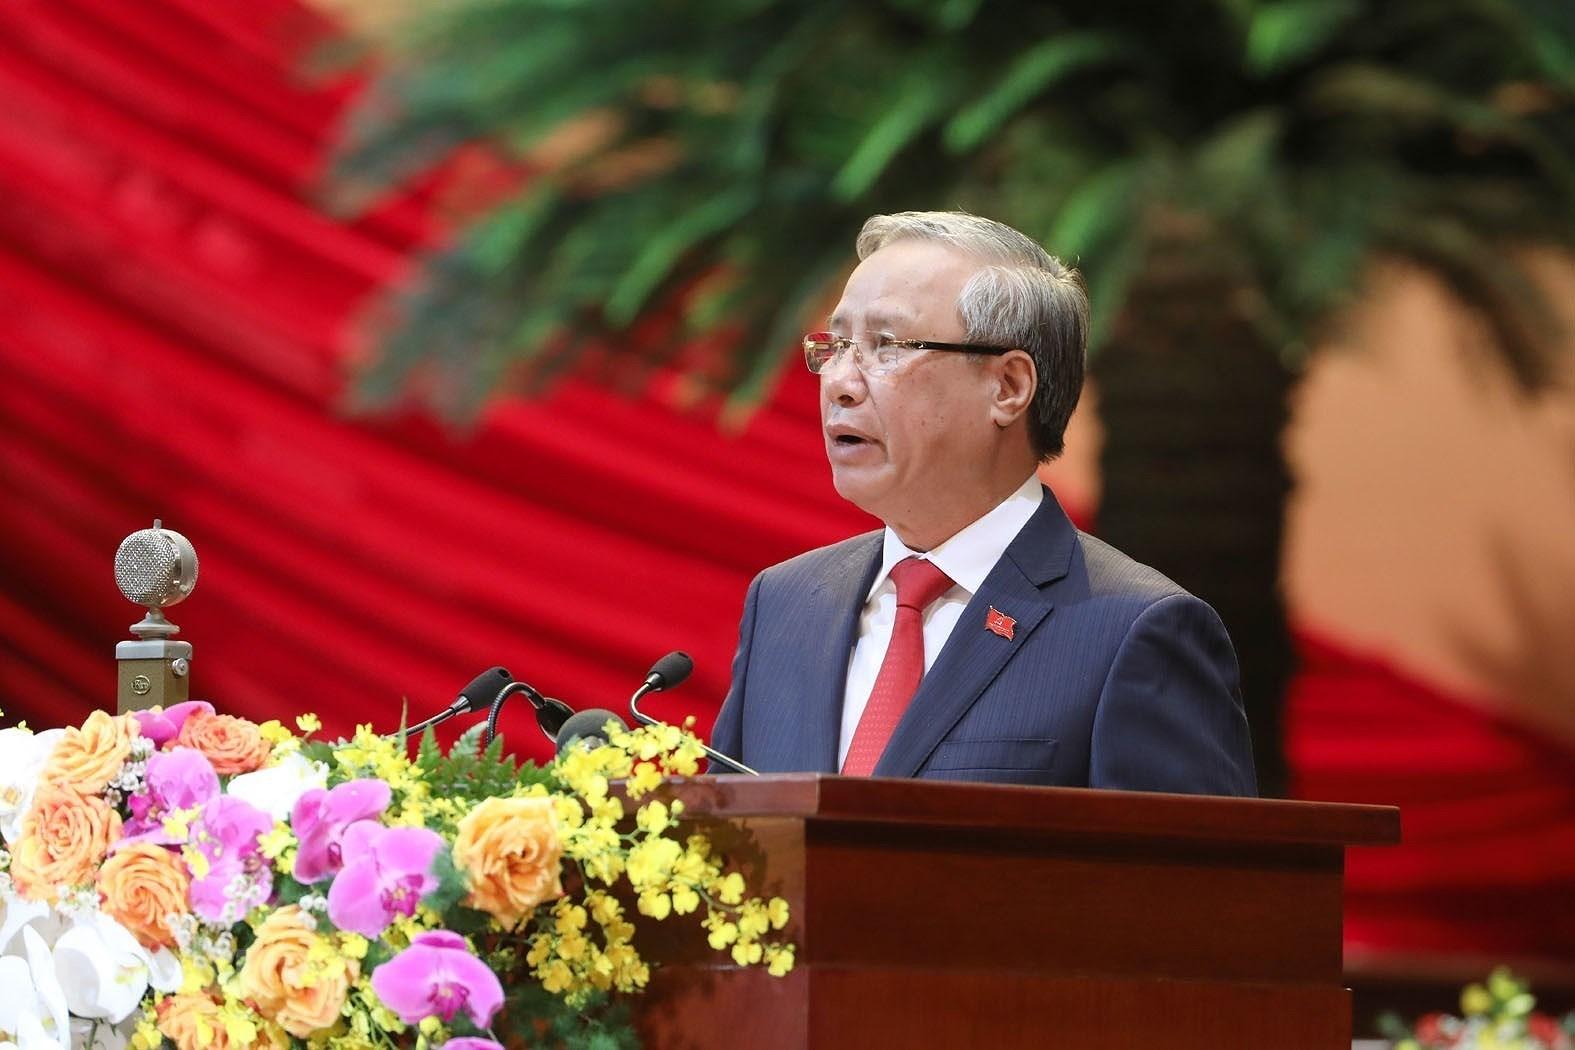 Ủy viên Bộ Chính trị, Thường trực Ban Bí thư Trần Quốc Vượng thay mặt Đoàn Chủ tịch tuyên bố lý do, giới thiệu đại biểu và khách mời của Đại hội (Nguồn: TTXVN)